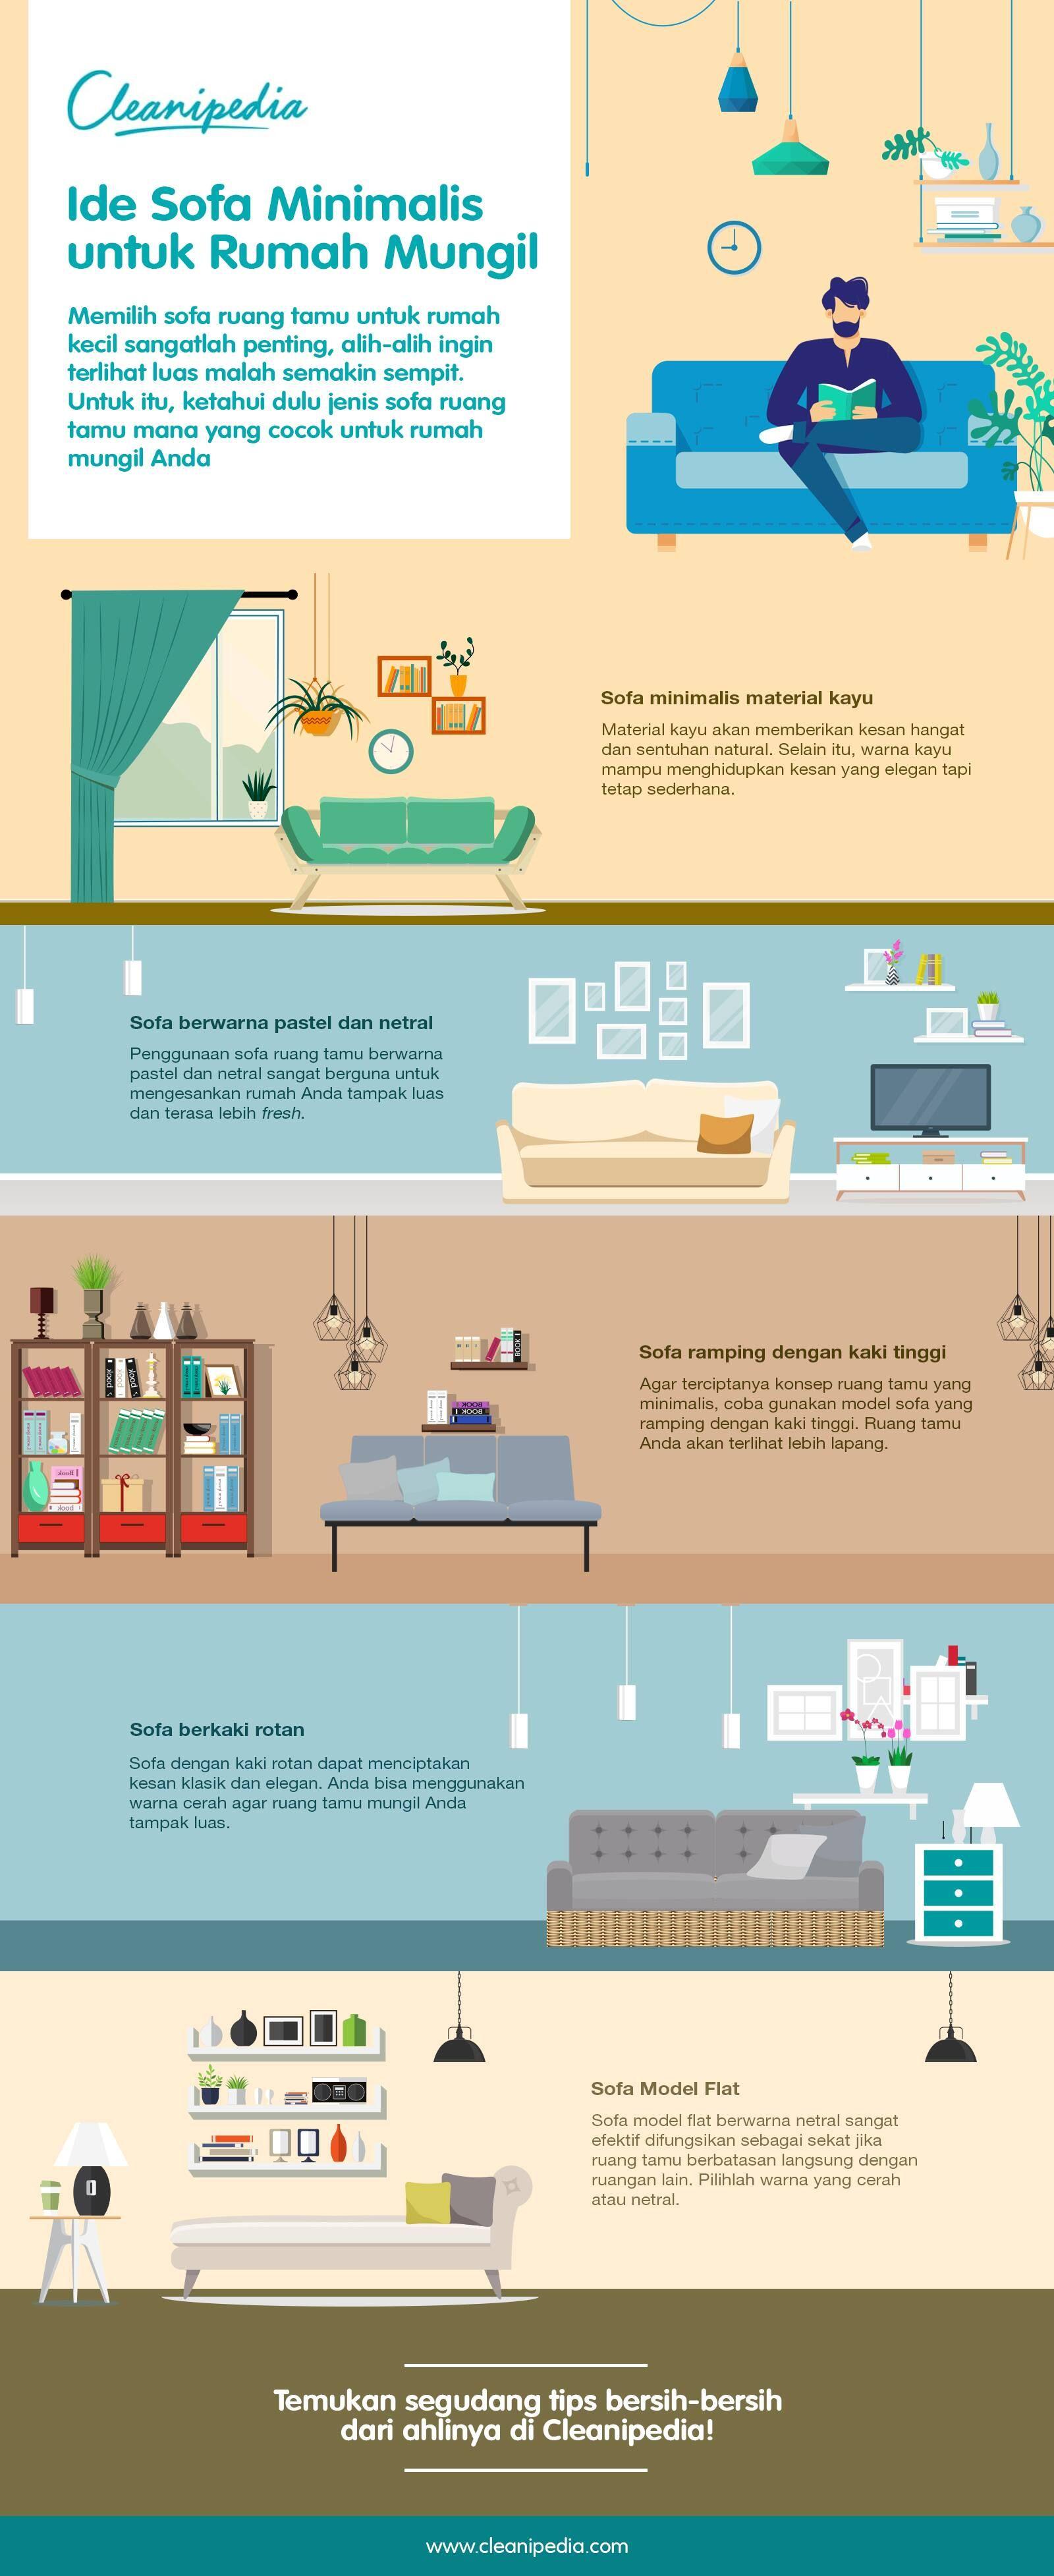 Memilih Alat Kebersihan Rumah Tangga